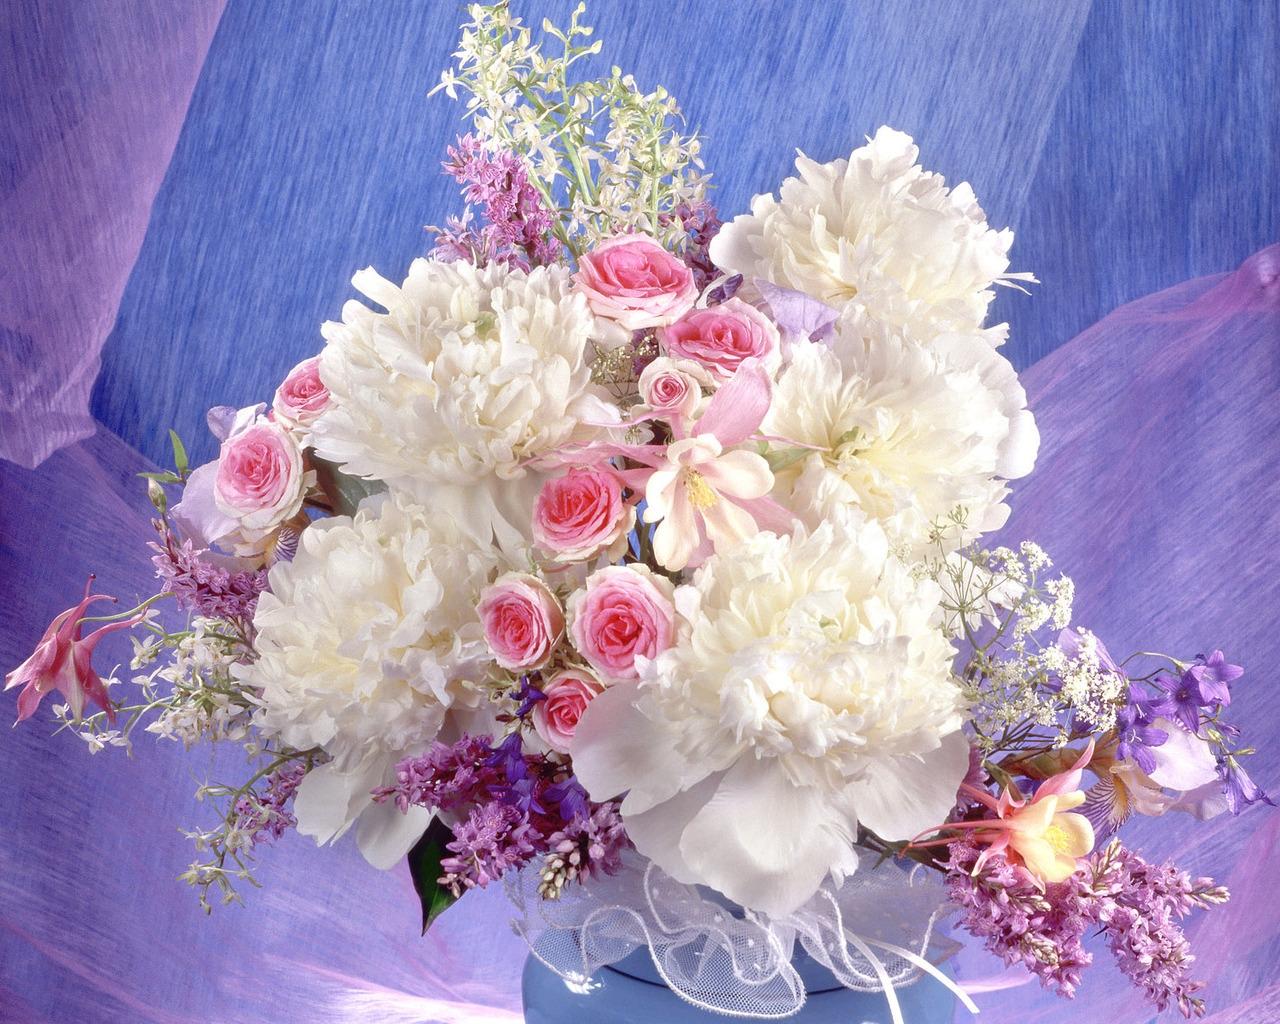 Hintergrundbilder lila bl hen rosa blume dekoration rosen bl tenblatt pfingstrose lied - Pfingstrosen dekoration ...